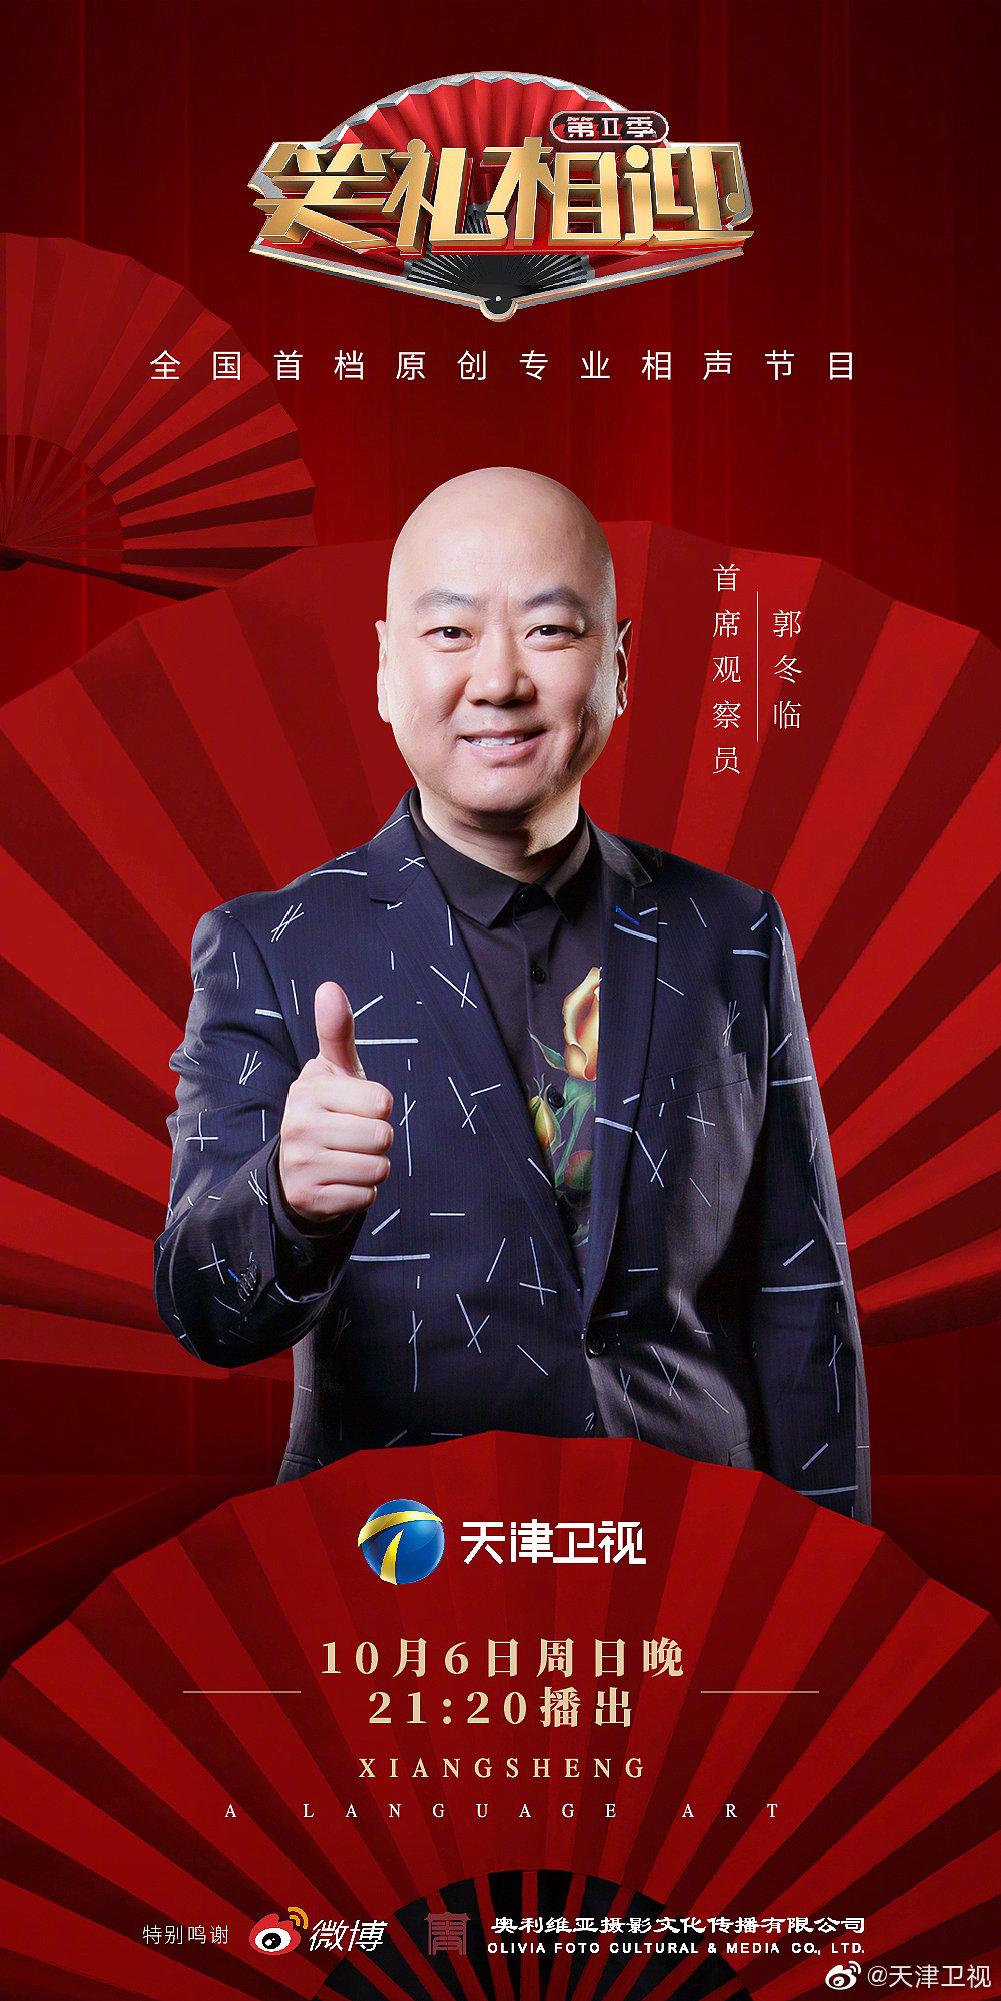 10月6日晚21:20天津卫视推出《笑礼相迎》第二季